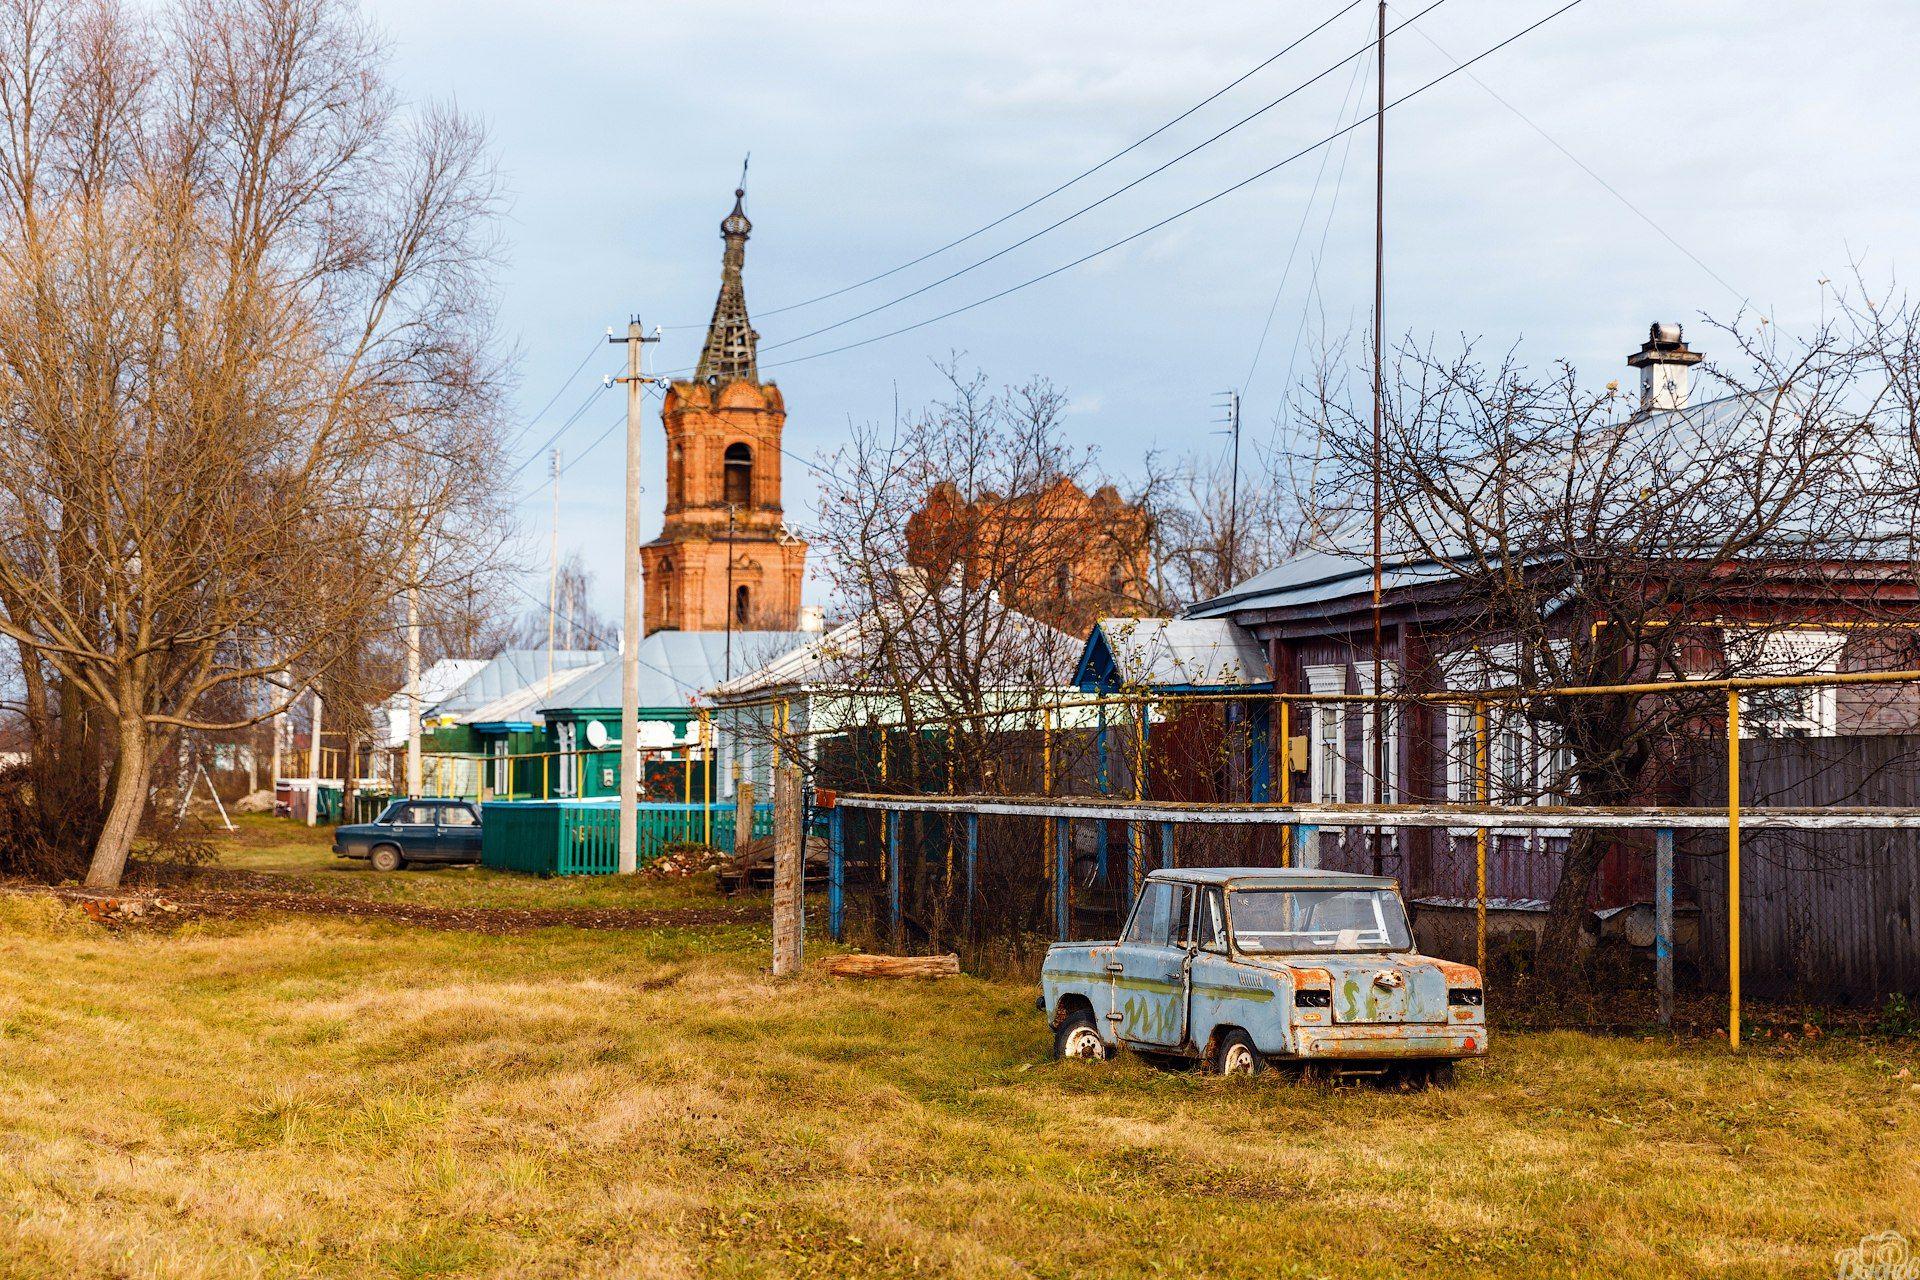 долгое фото чернитово моршанский район тамбовская обл можно